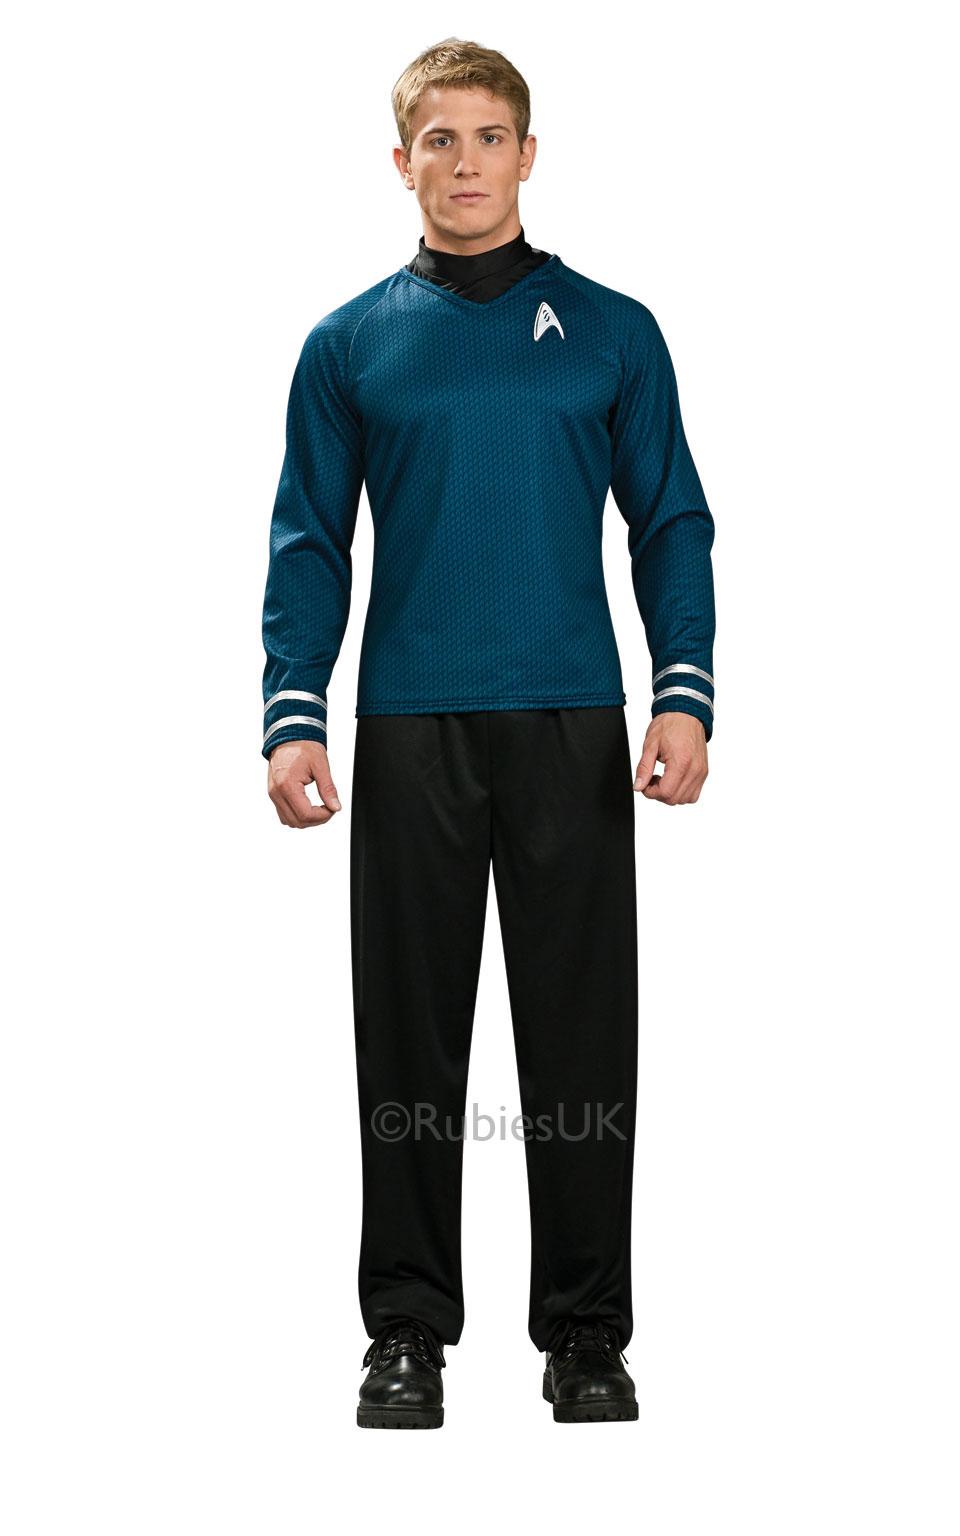 Rubies Kostým Spock Veľkosť - dospelý: S